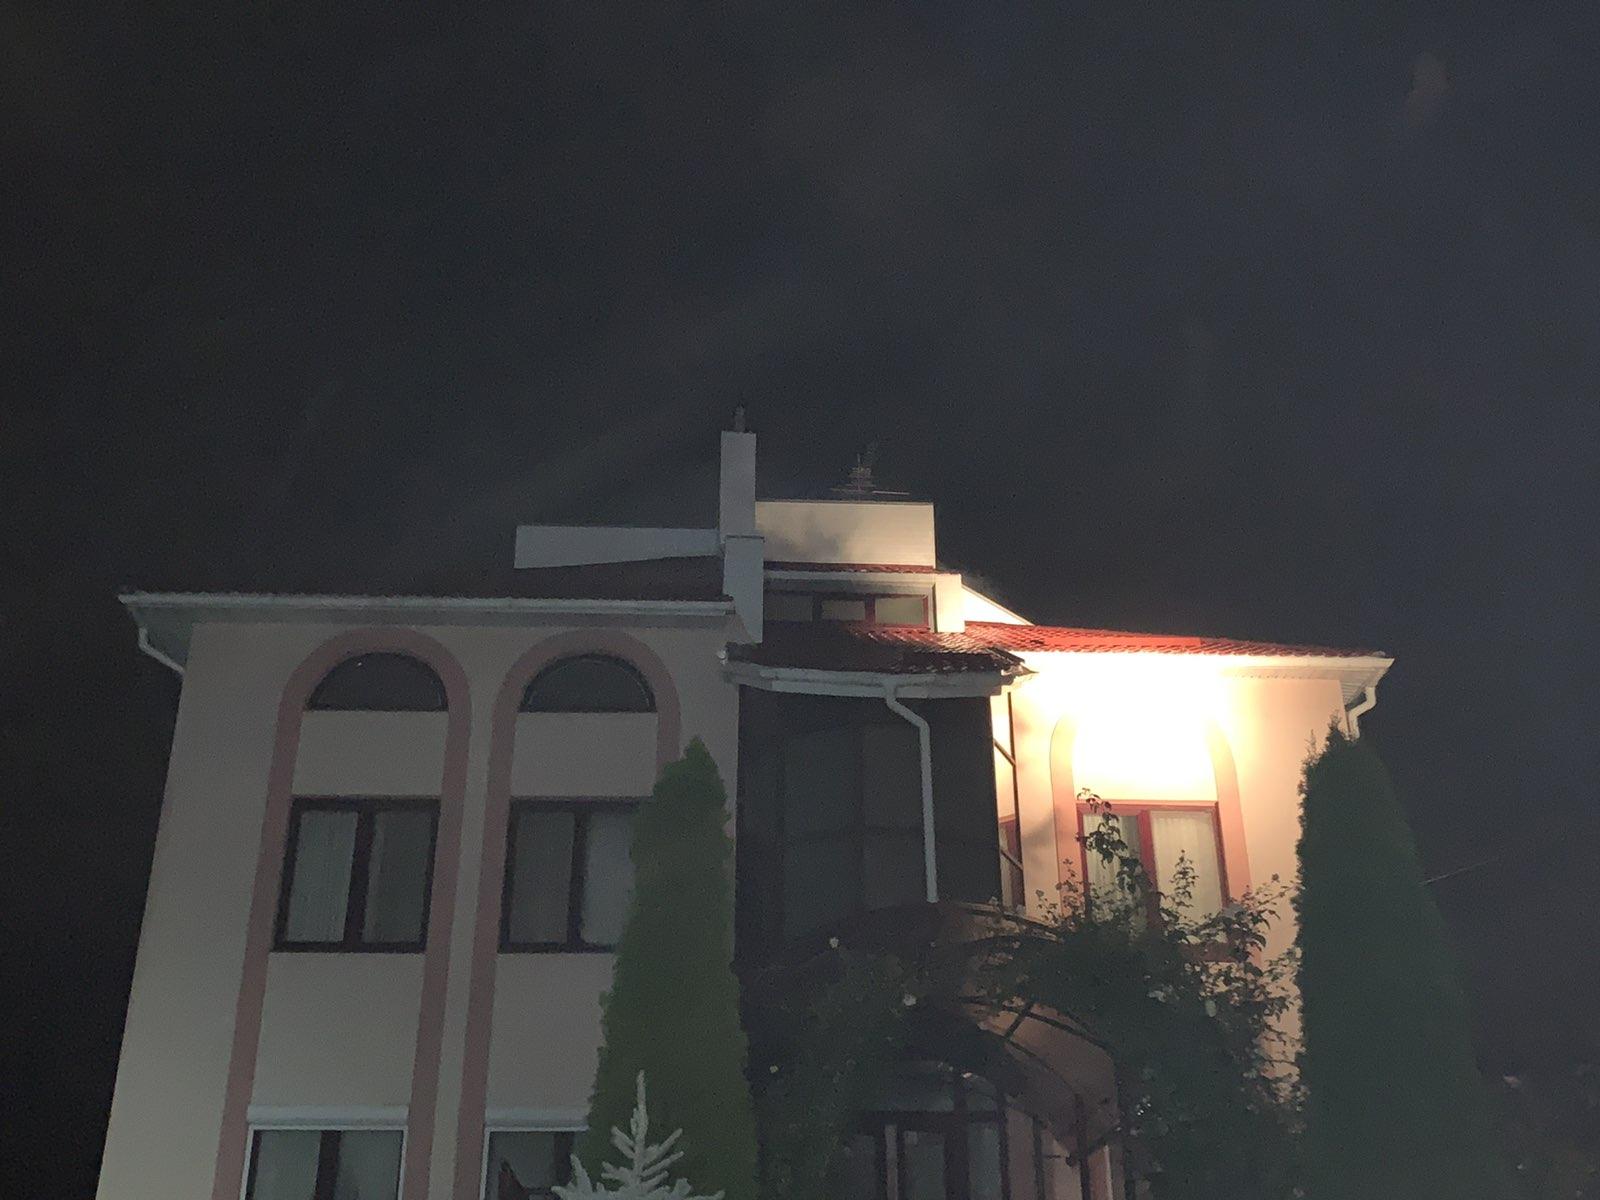 Пожежа на Броварщині: в селі Зазим'є горів приватний будинок -  - yzobrazhenye viber 2019 10 08 07 38 46